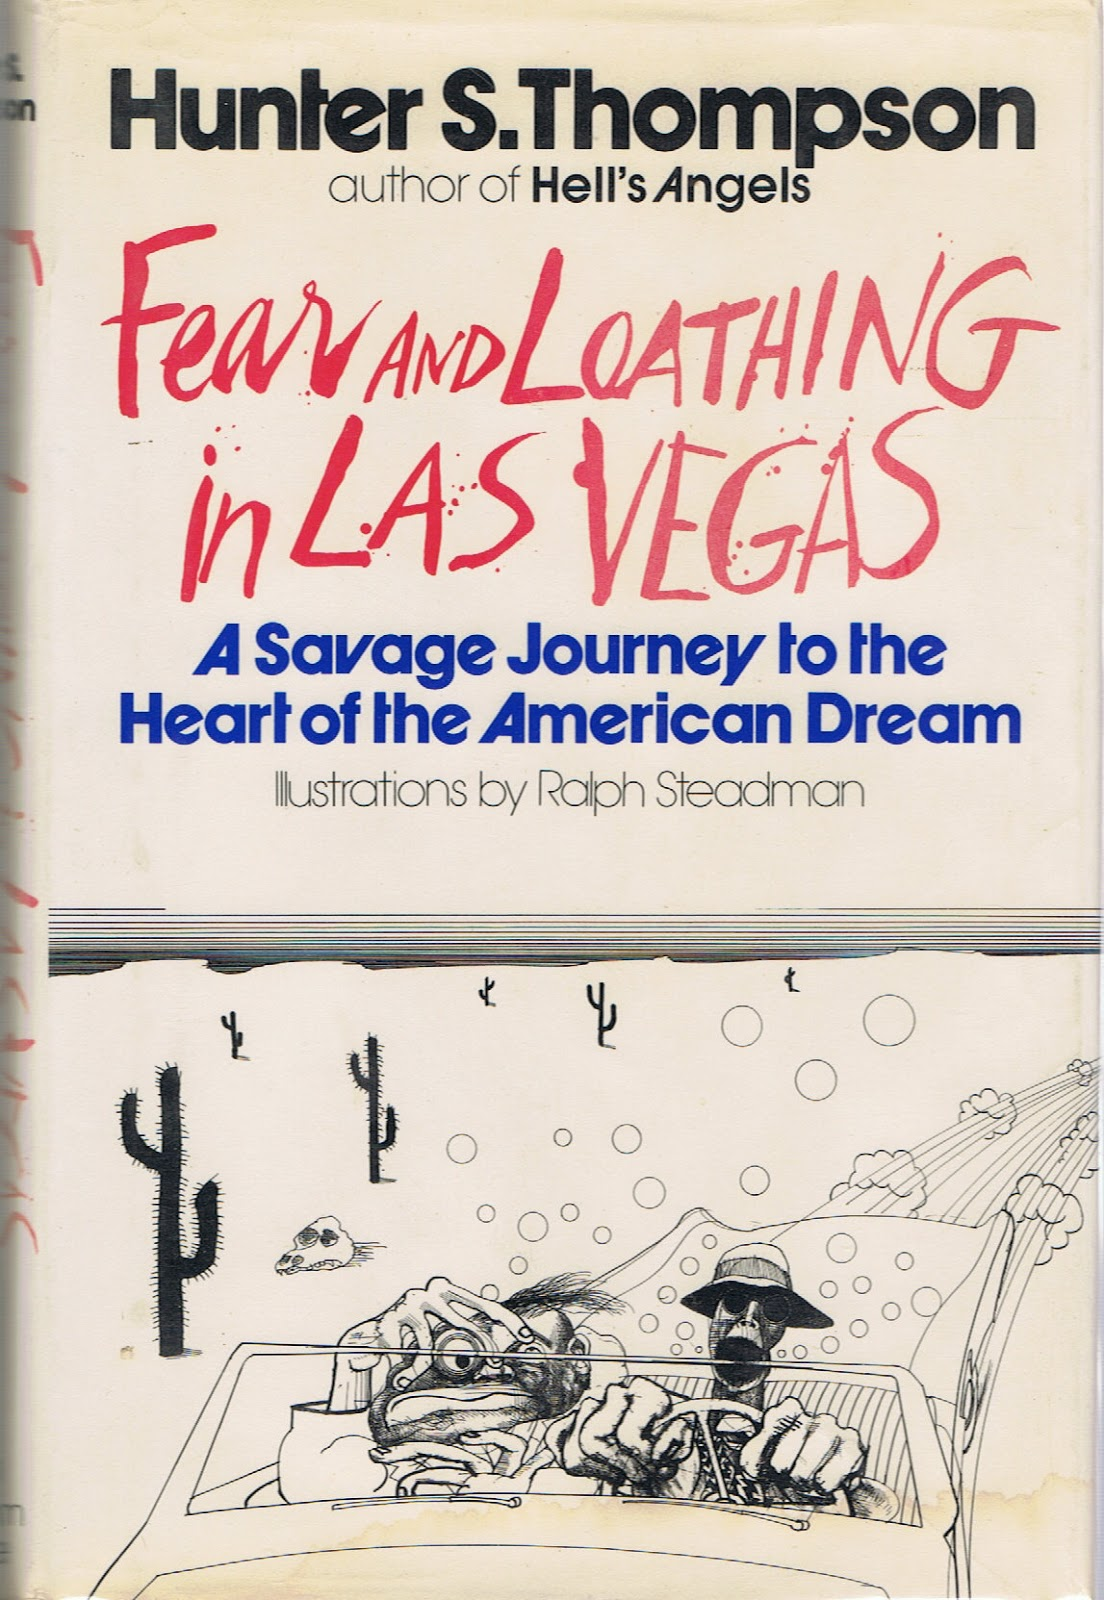 Fear and Loathing in Las Vegas - Books on Drugs   Utter Bewakoof